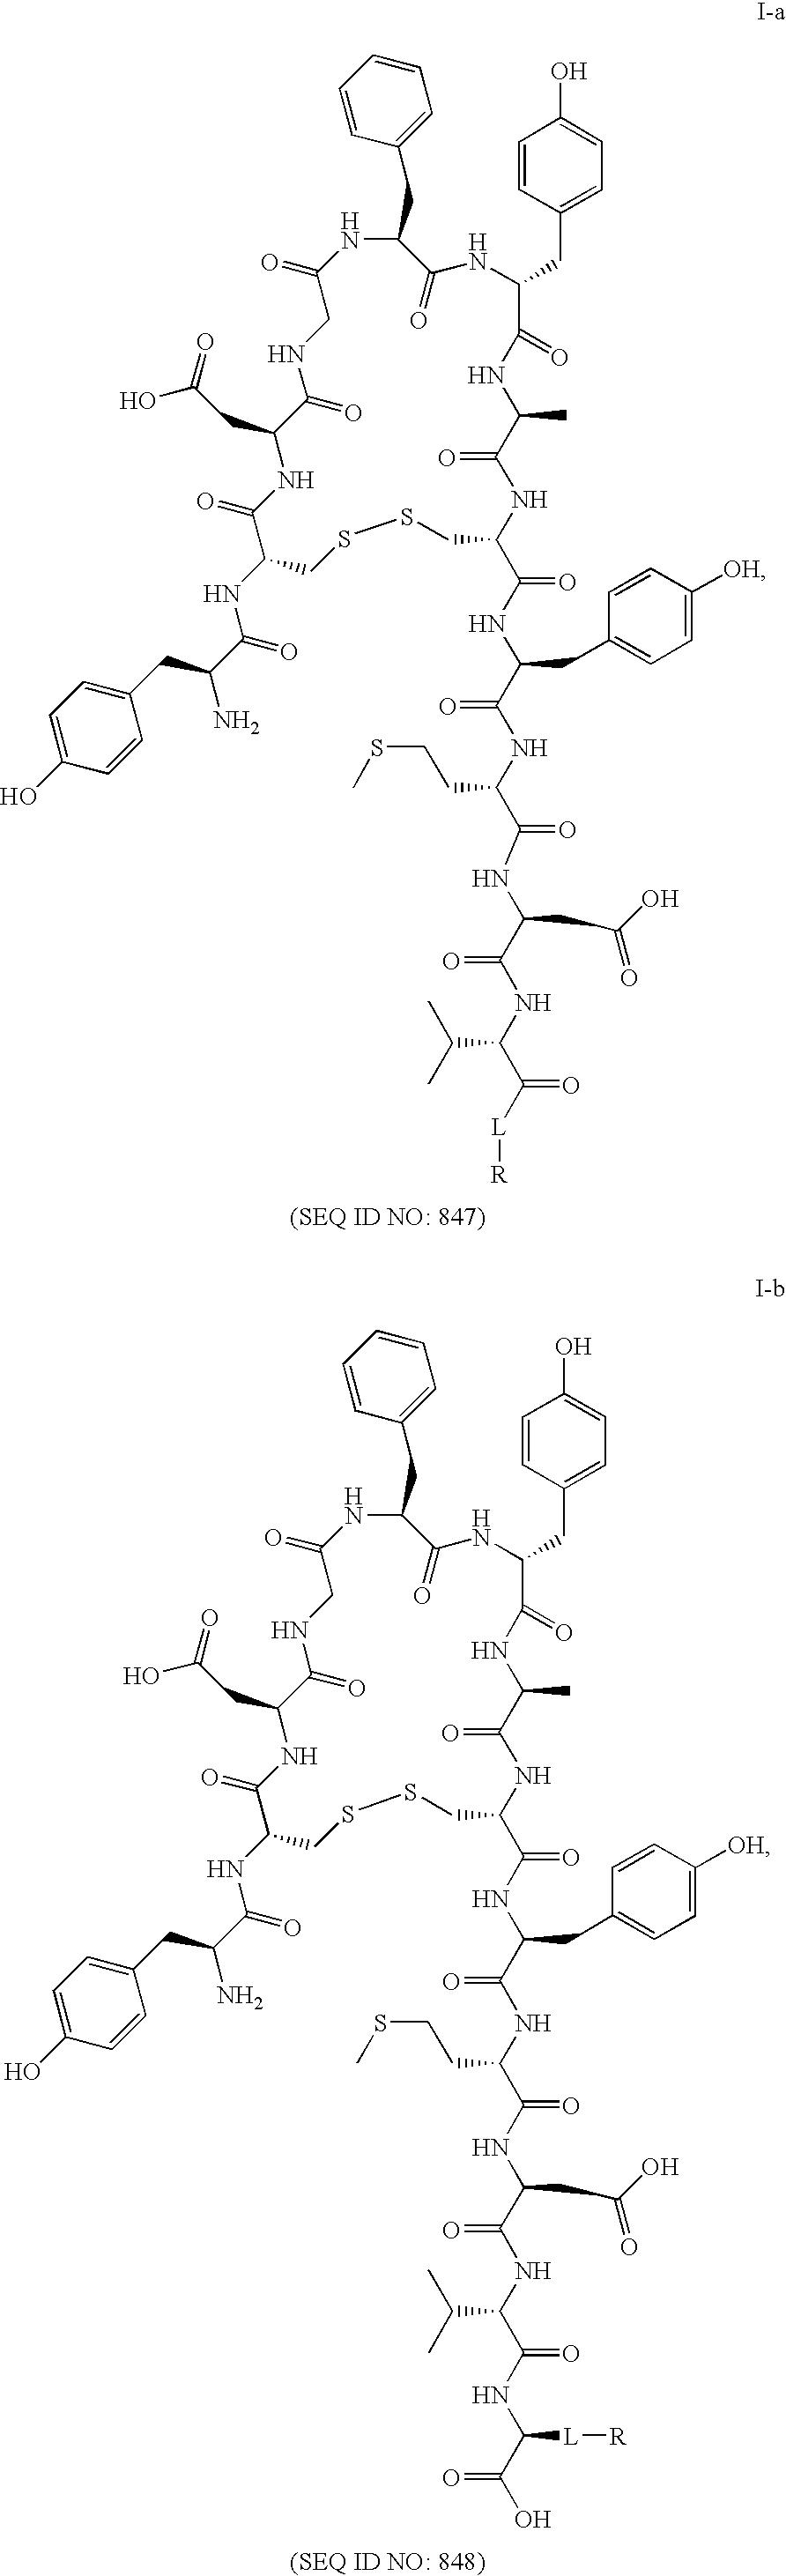 Figure US20090110662A1-20090430-C00387